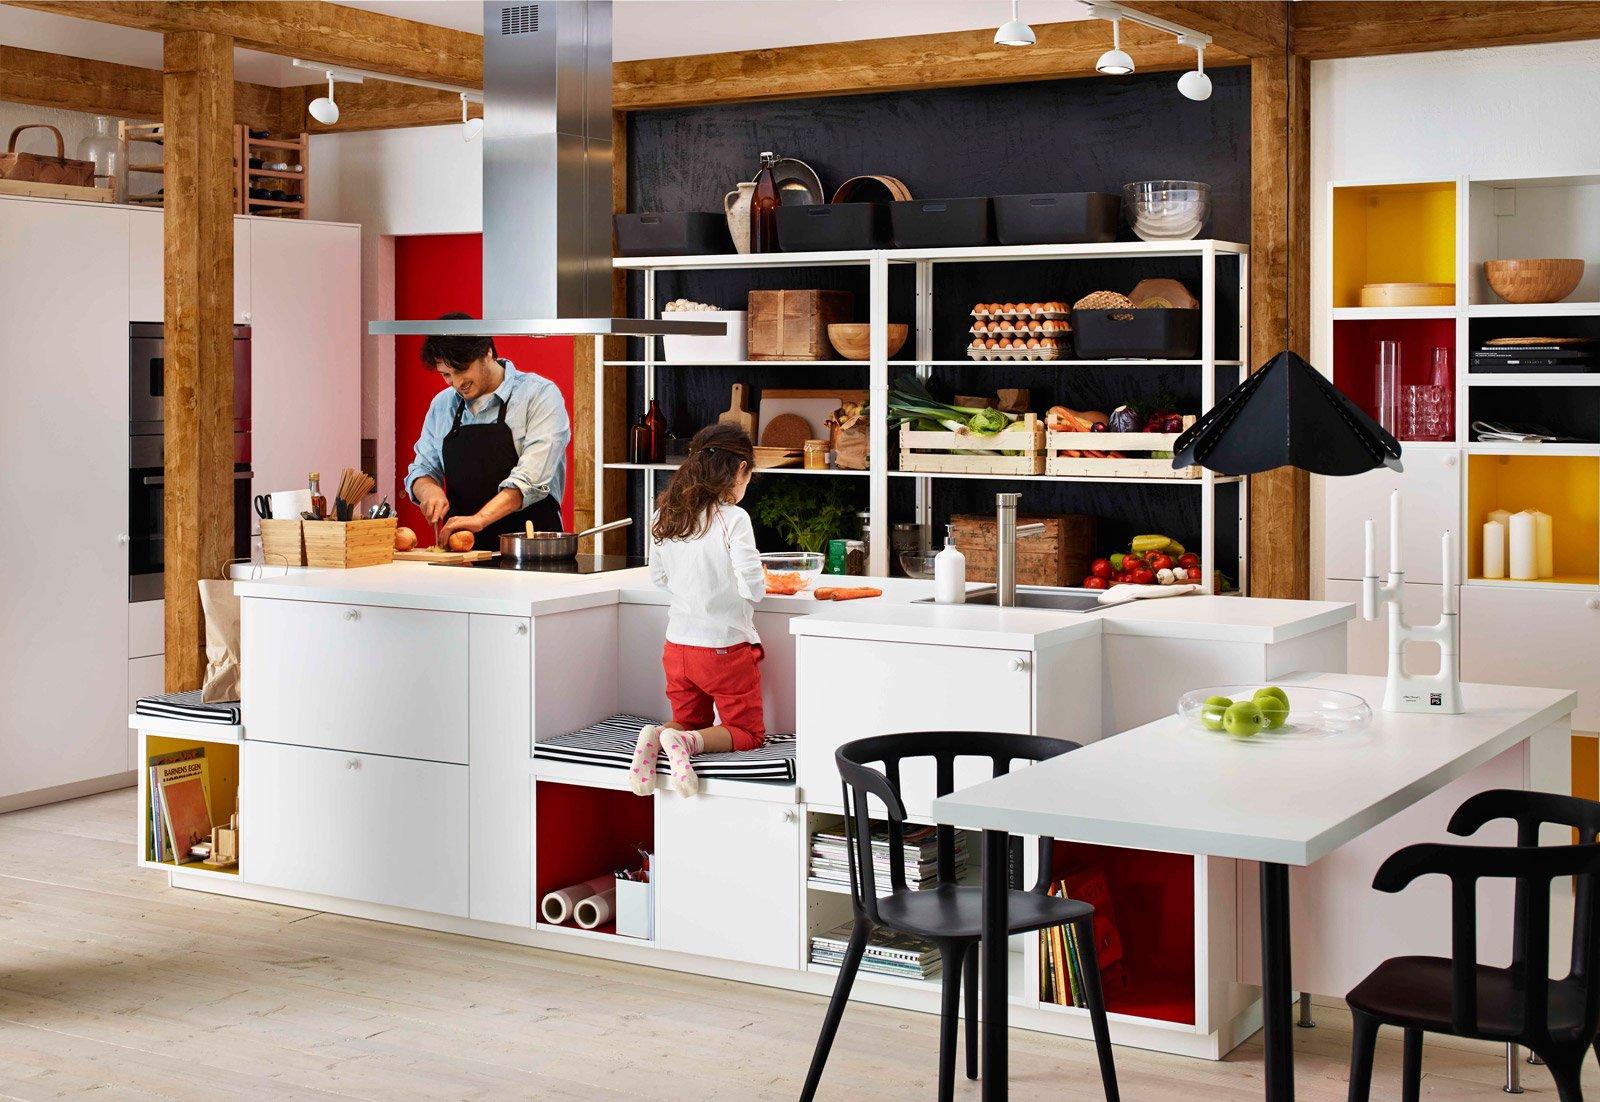 Ikea Planner Soggiorno. Ikea Kitchen Planner Software ...